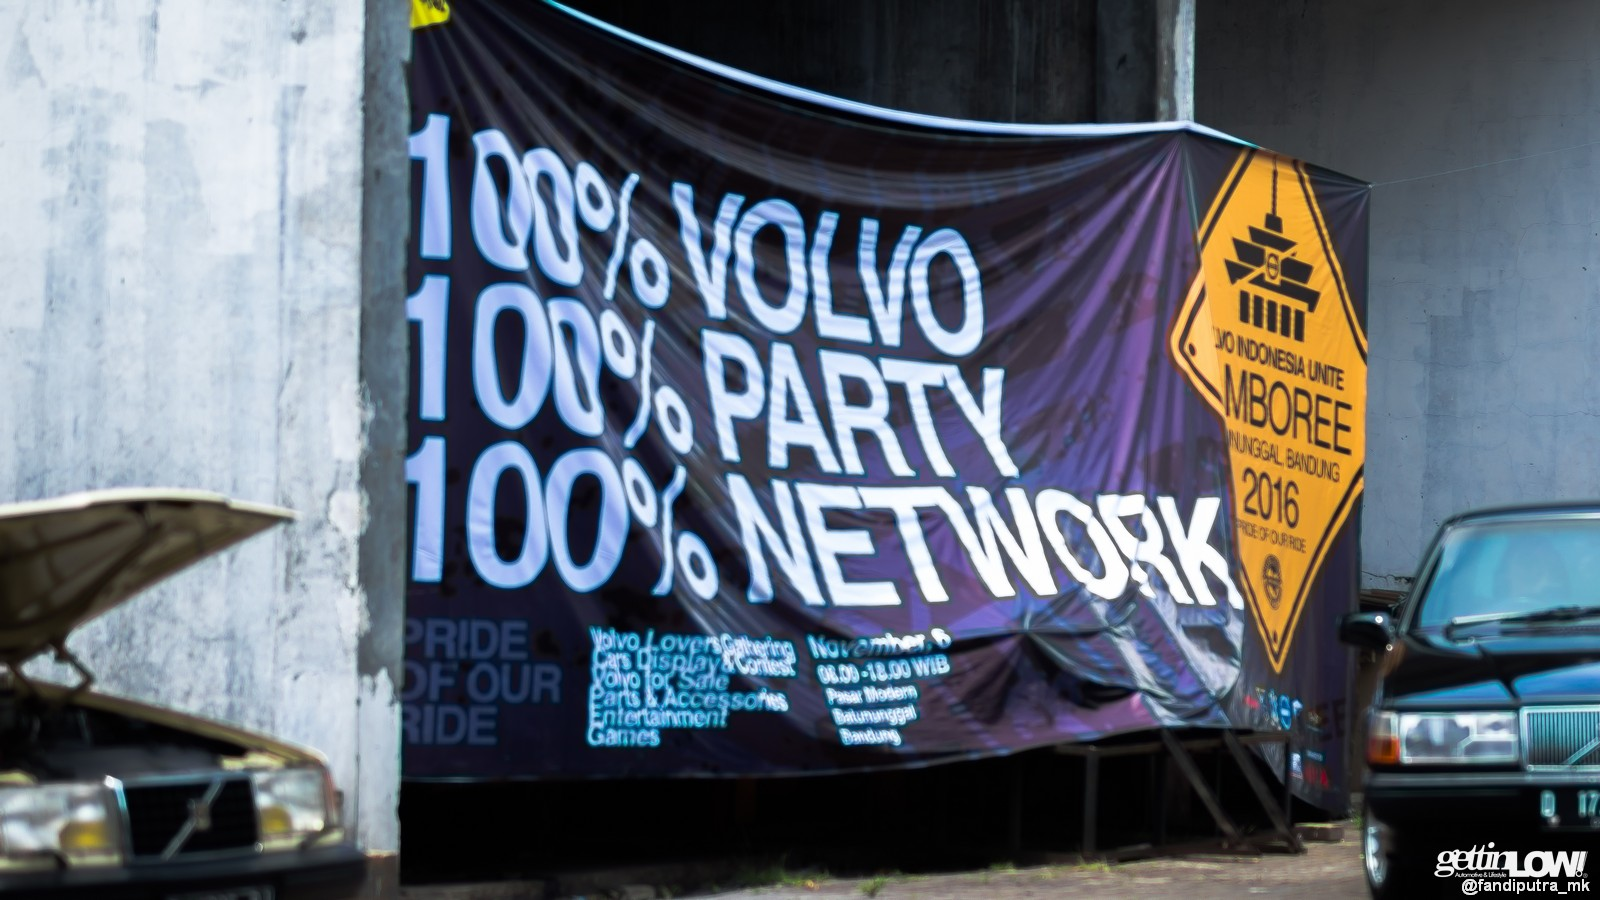 jambore volvo indonesia unite 2016